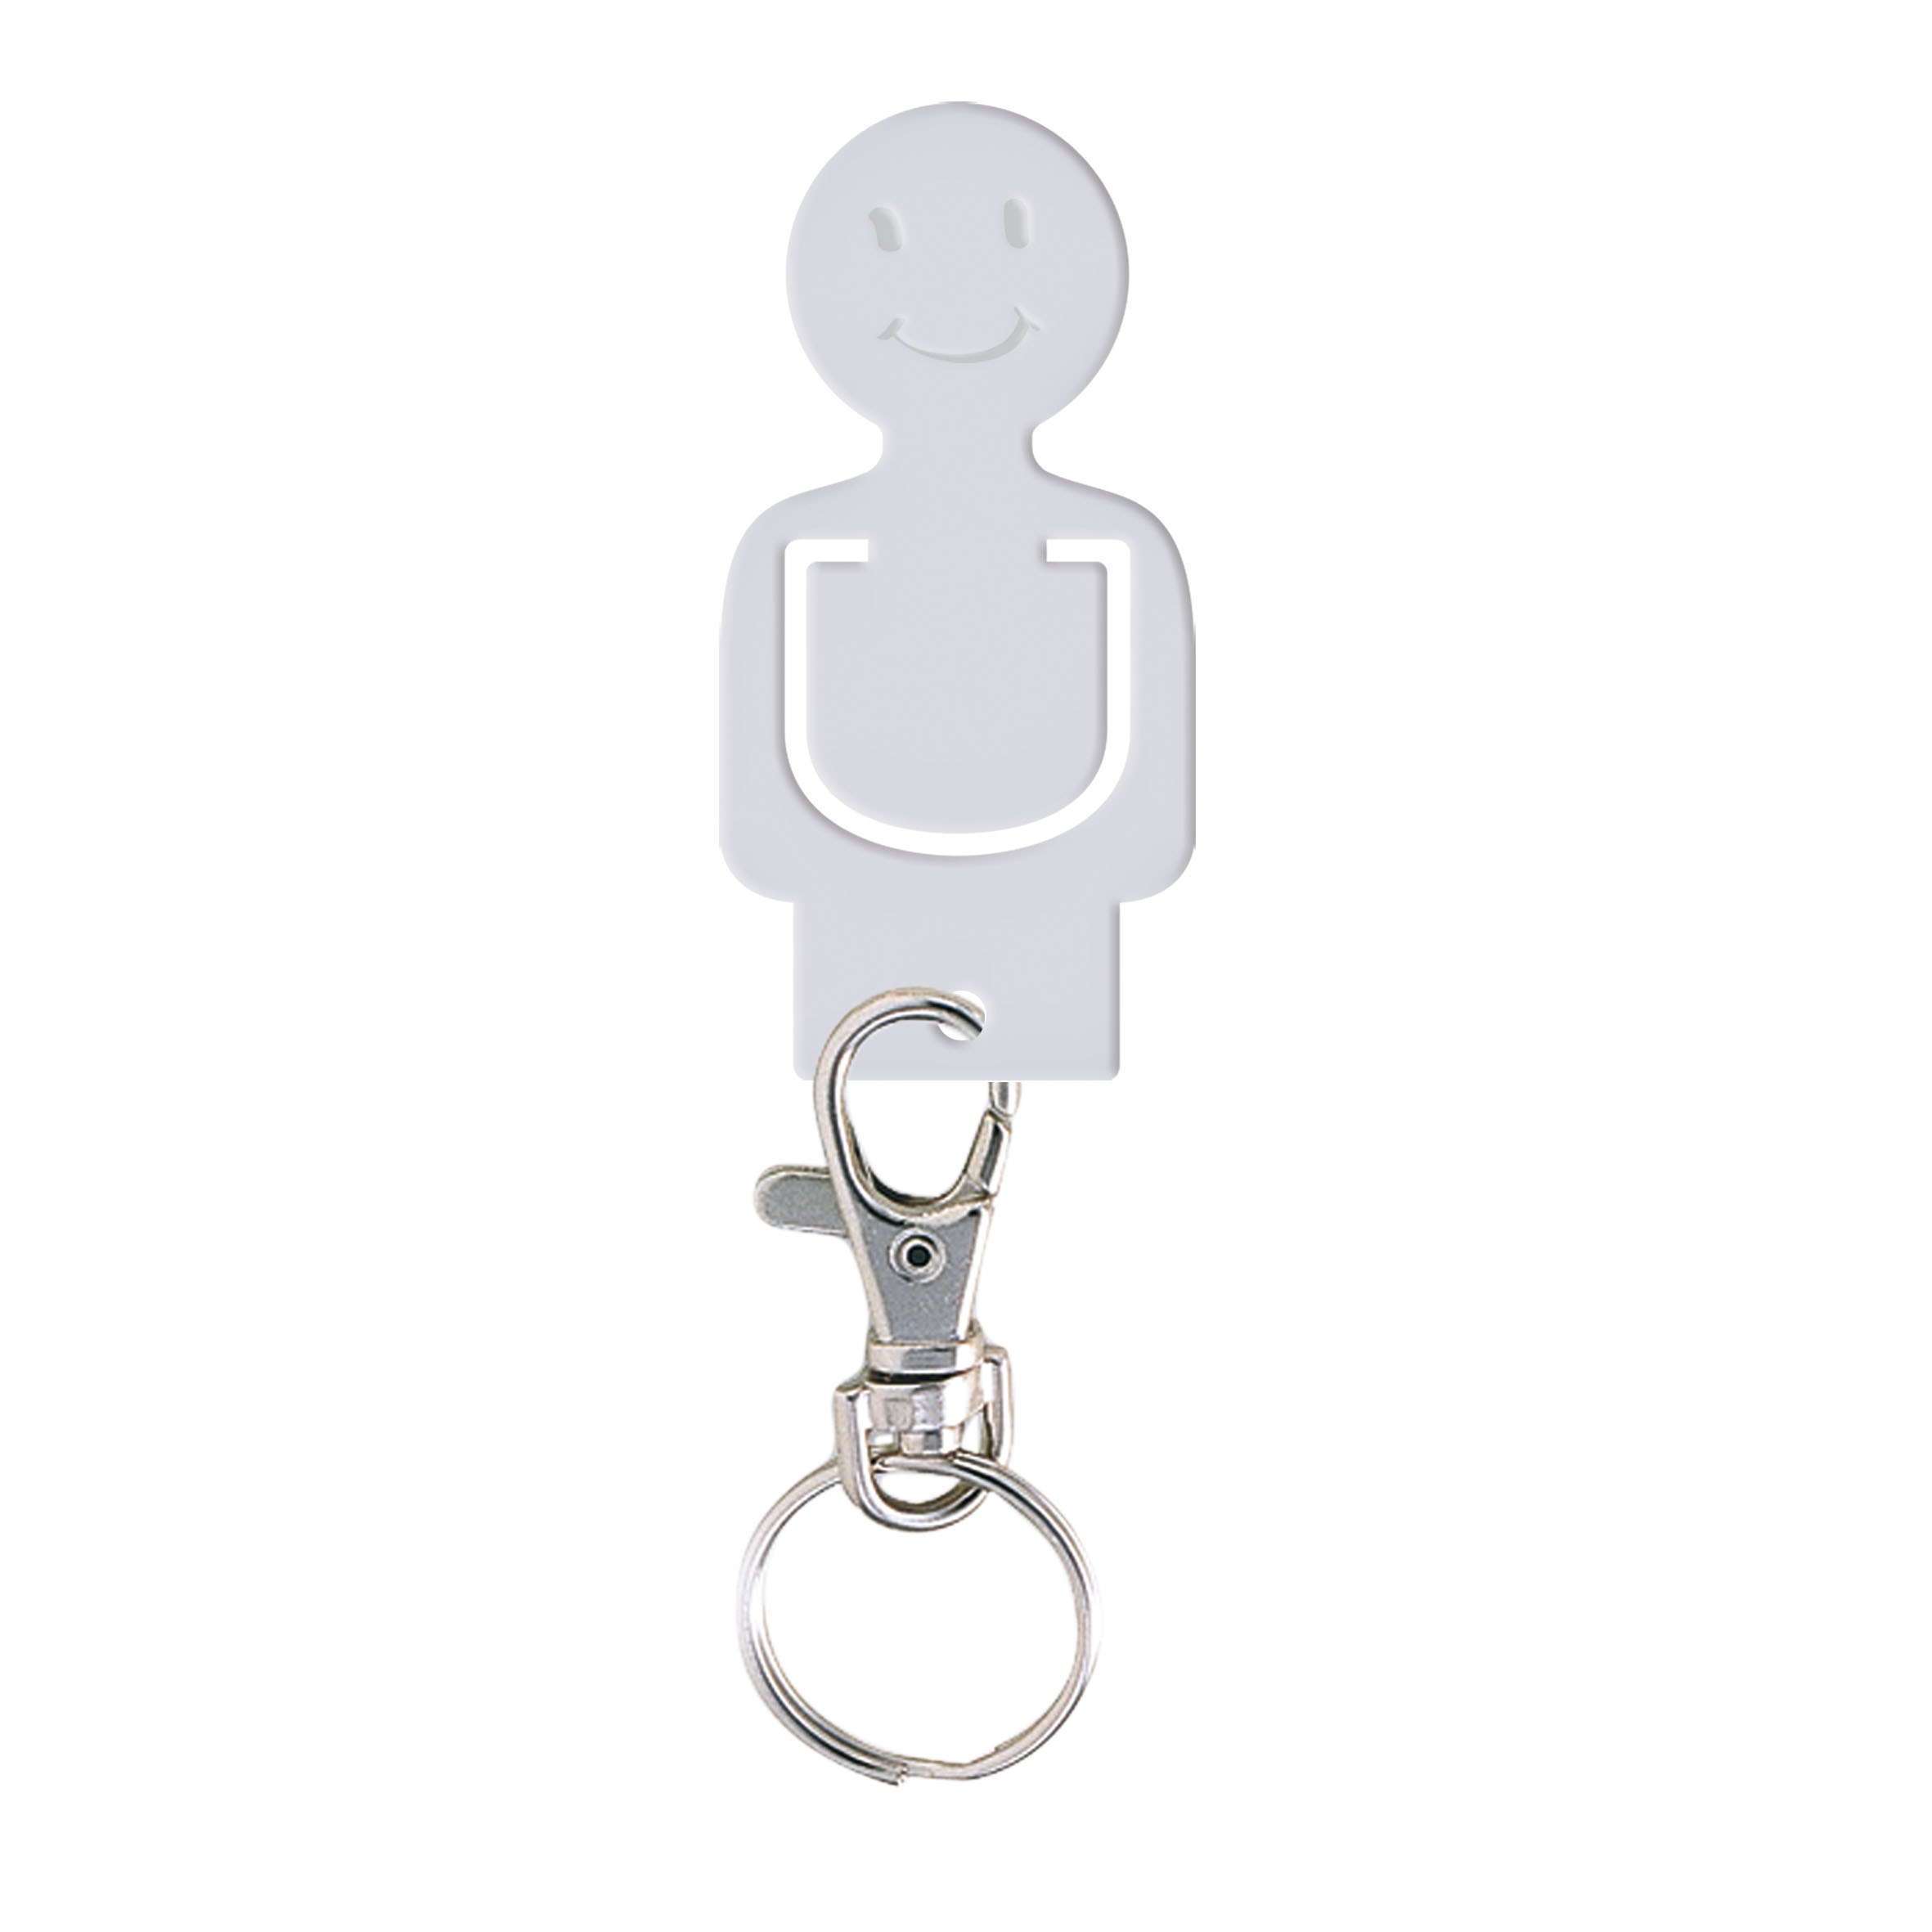 Porte-clés publicitaire jeton caddie Figurine - Goodies - blanc